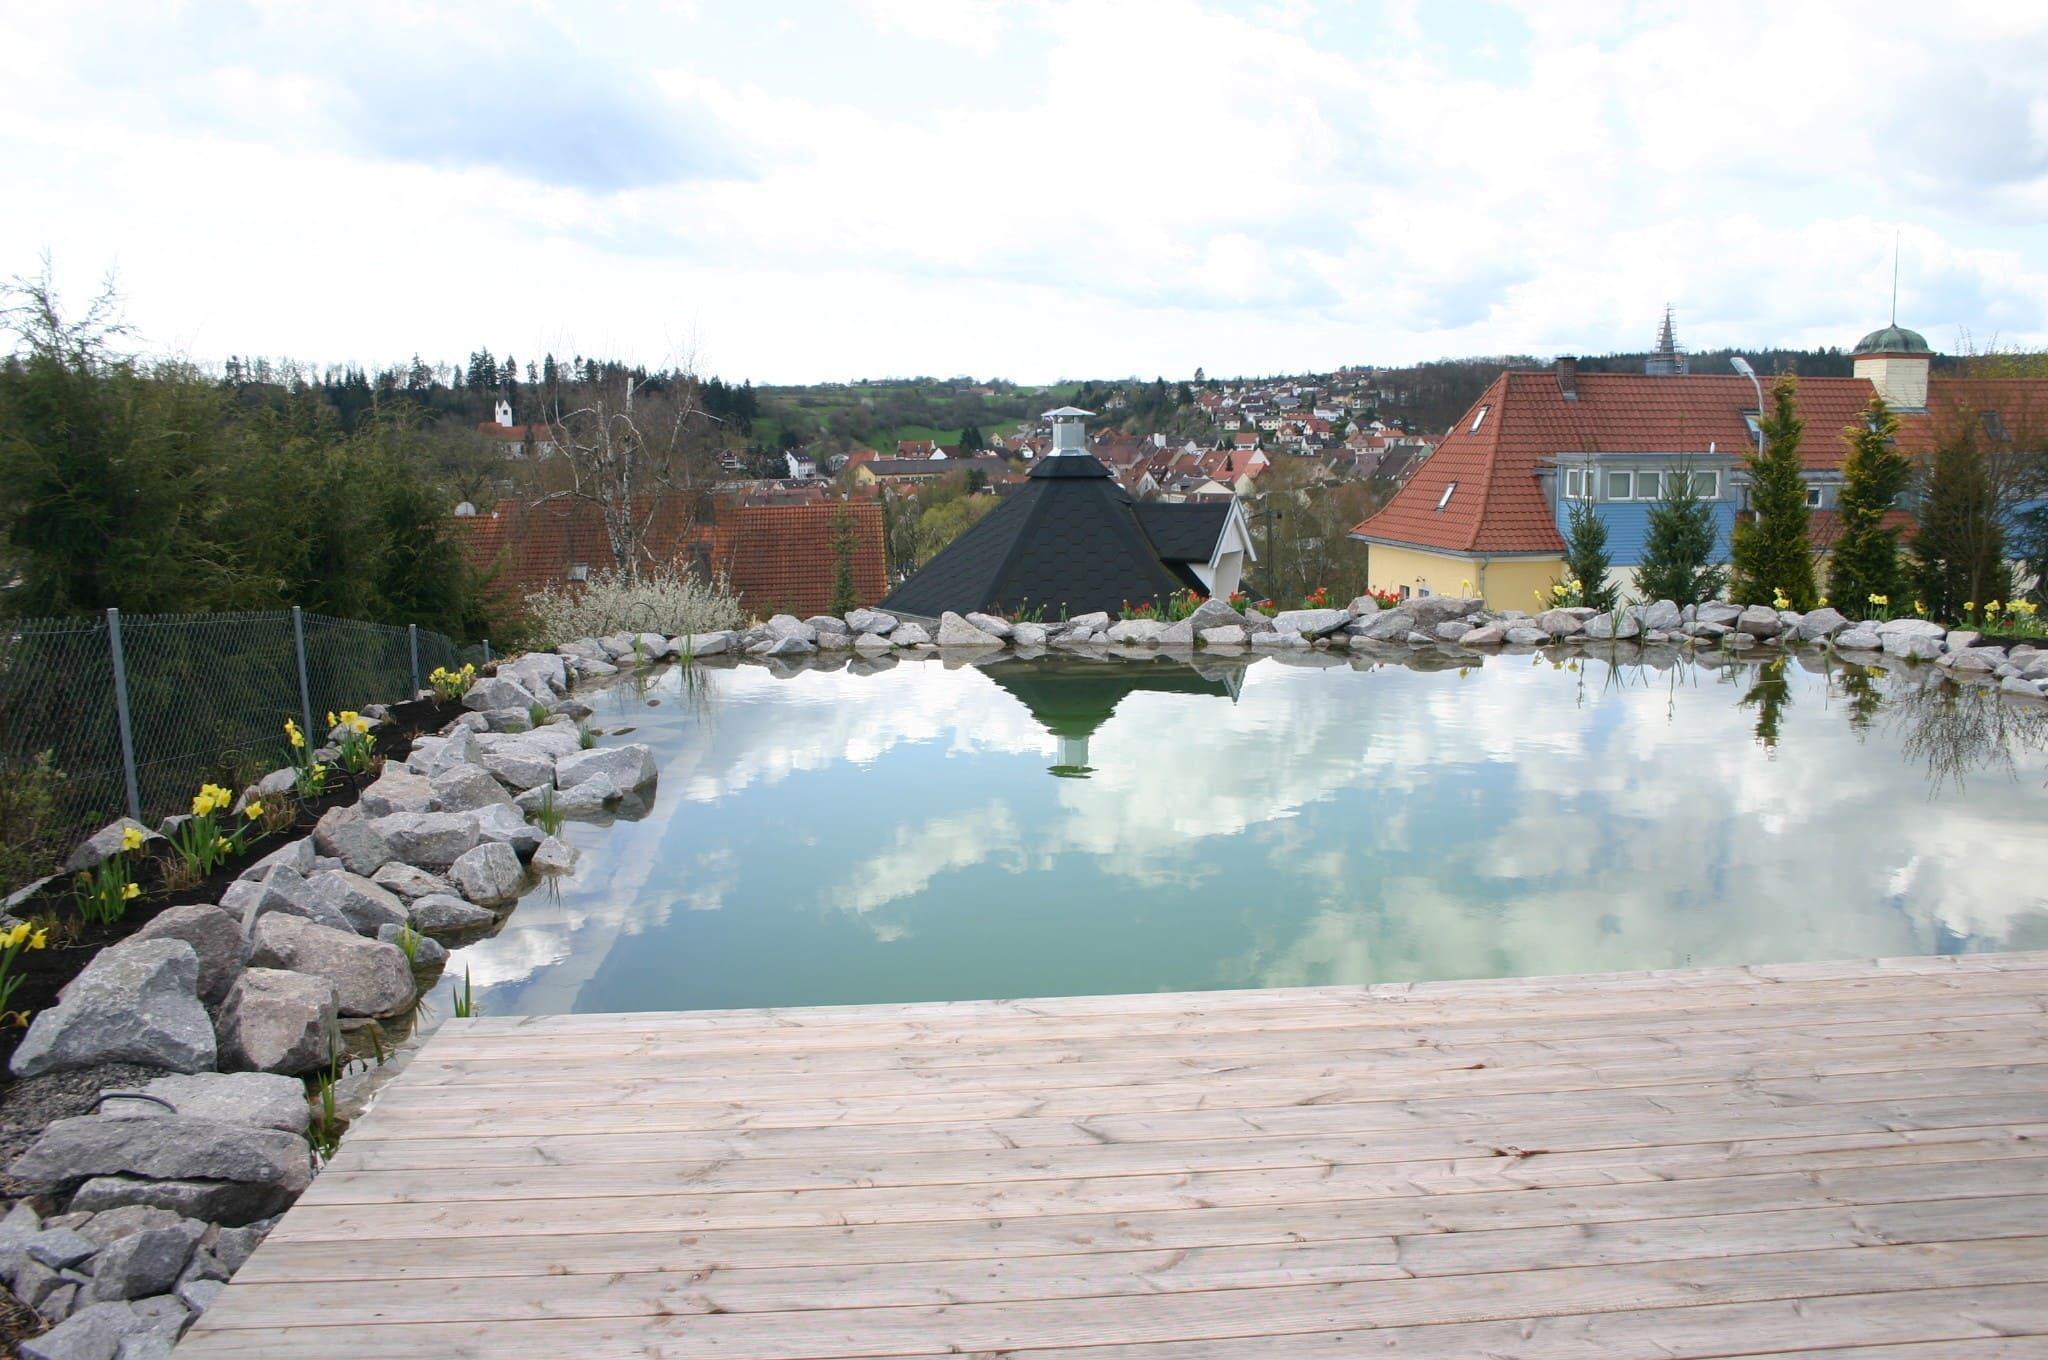 Wasser und Wasserflächen3